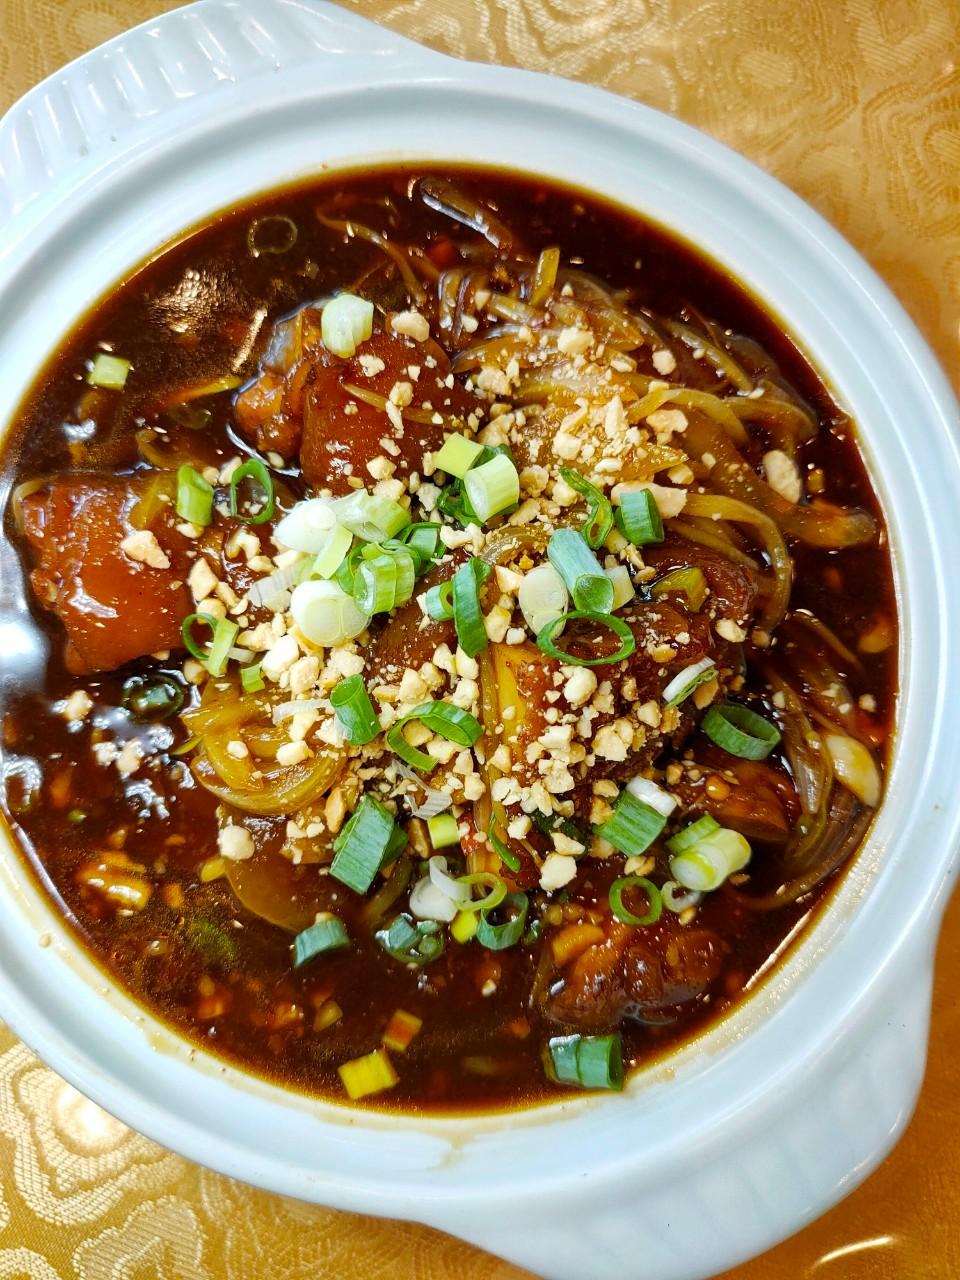 龍潭美食,金皇天下館,外帶,三菜一湯,單點八折,水煮魚,韓式燉豬腳,麻婆豆腐